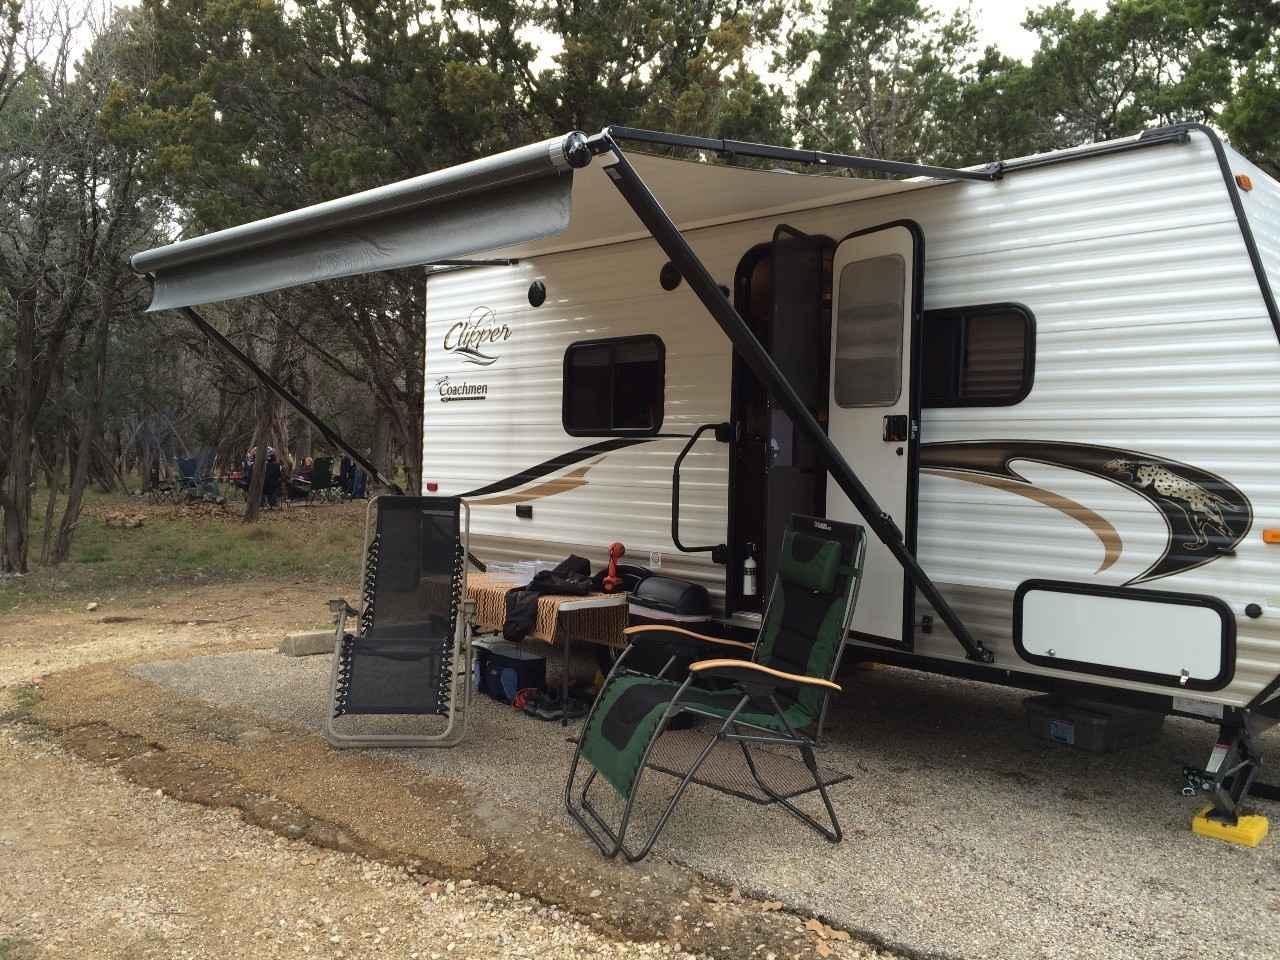 Coachmen Clipper 17Fq >> 2015 Used Coachmen CLIPPER 17FQ Travel Trailer in Texas TX